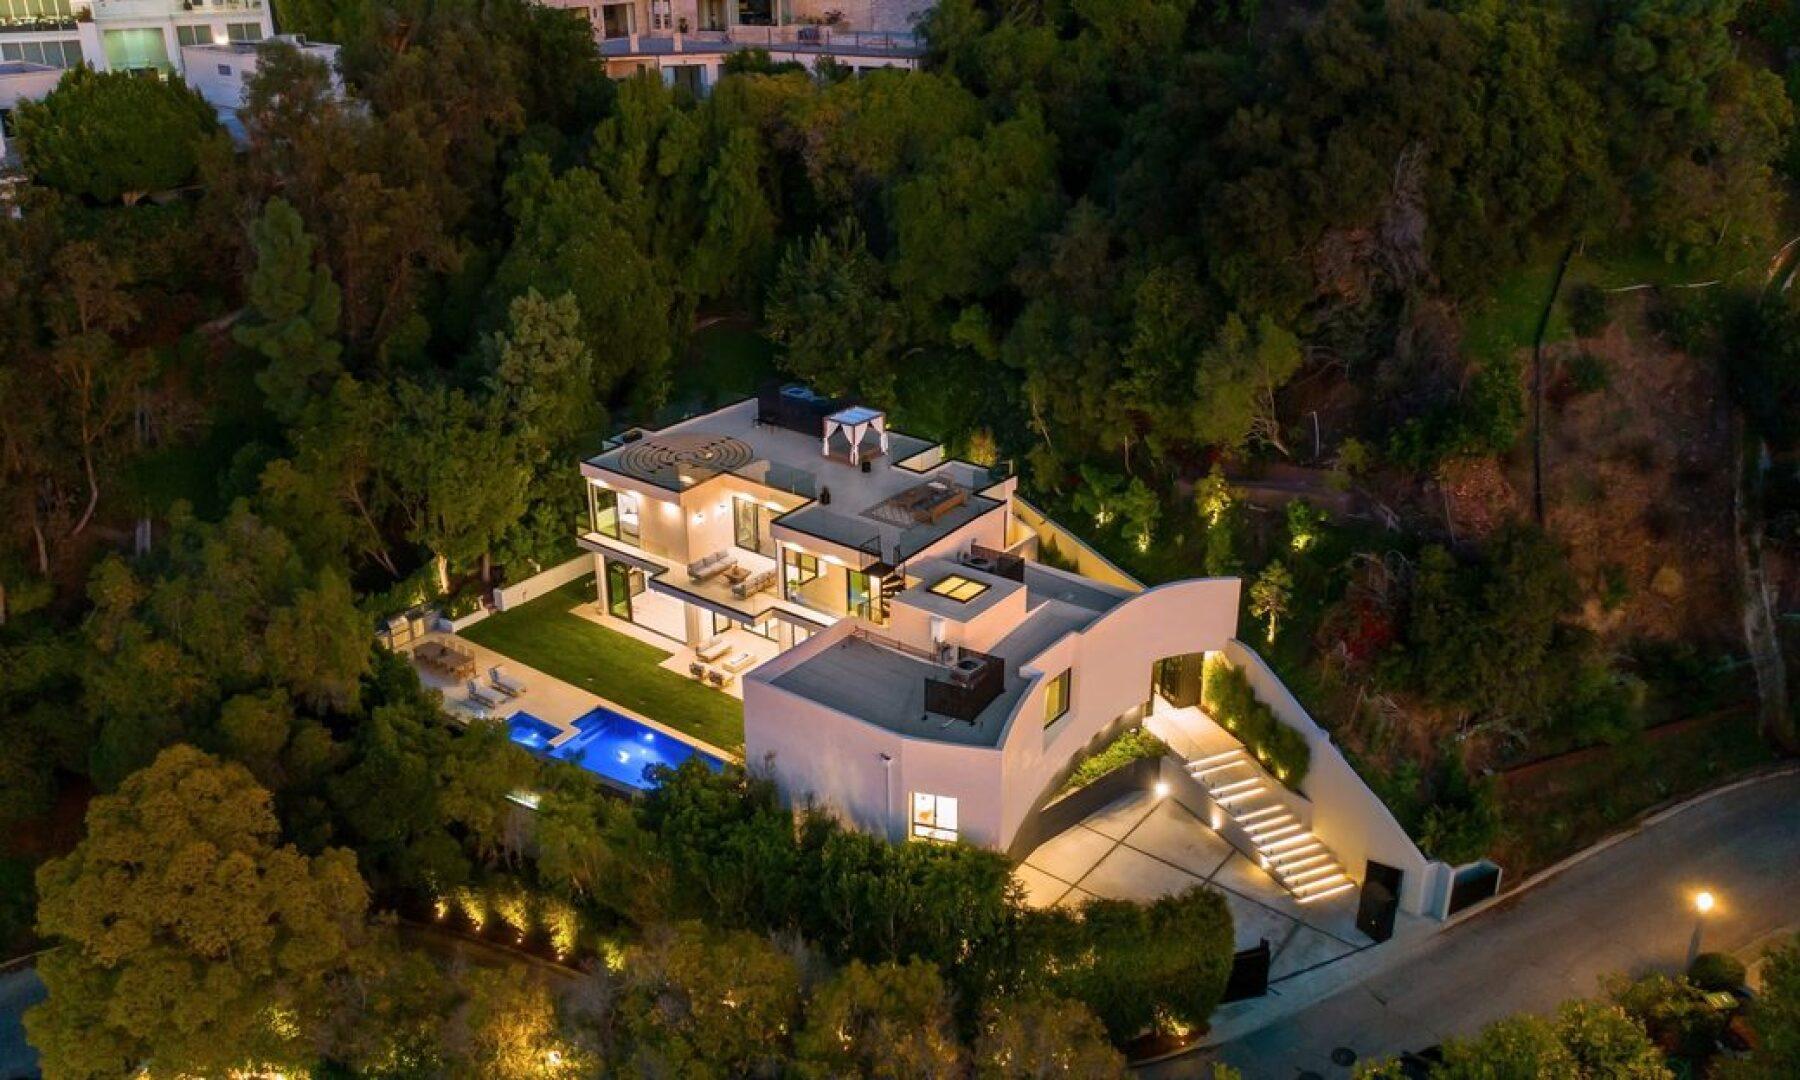 Beverly Hills es una ciudad muy céntrica y de fácil acceso en donde está ubicada esta elegante residencia de estilo moderno. Foto: Sotheby's International Realty - Beverly Hills Brokerage.